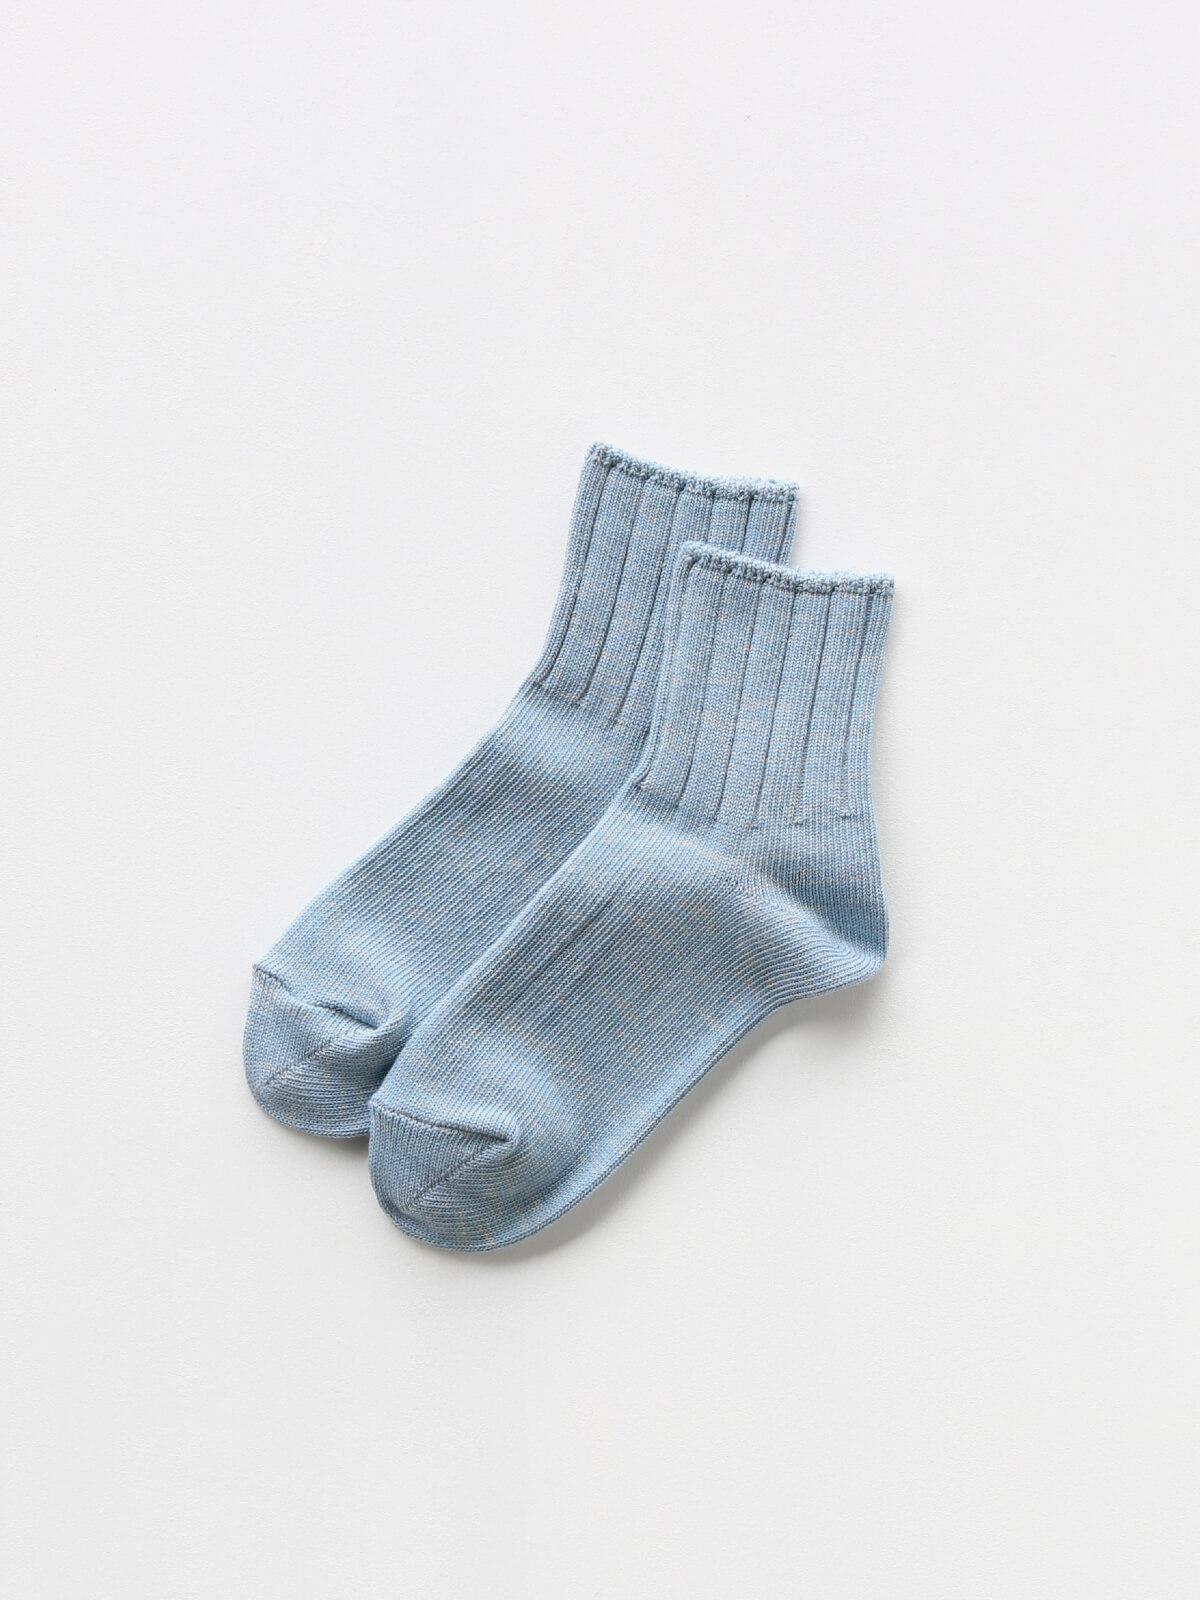 当たりつきギフト専用靴下のLUCKY SOCKS(ラッキーソックス)のSmooth Ankle Socks(スムースアンクルソックス)のスチールブルー_2